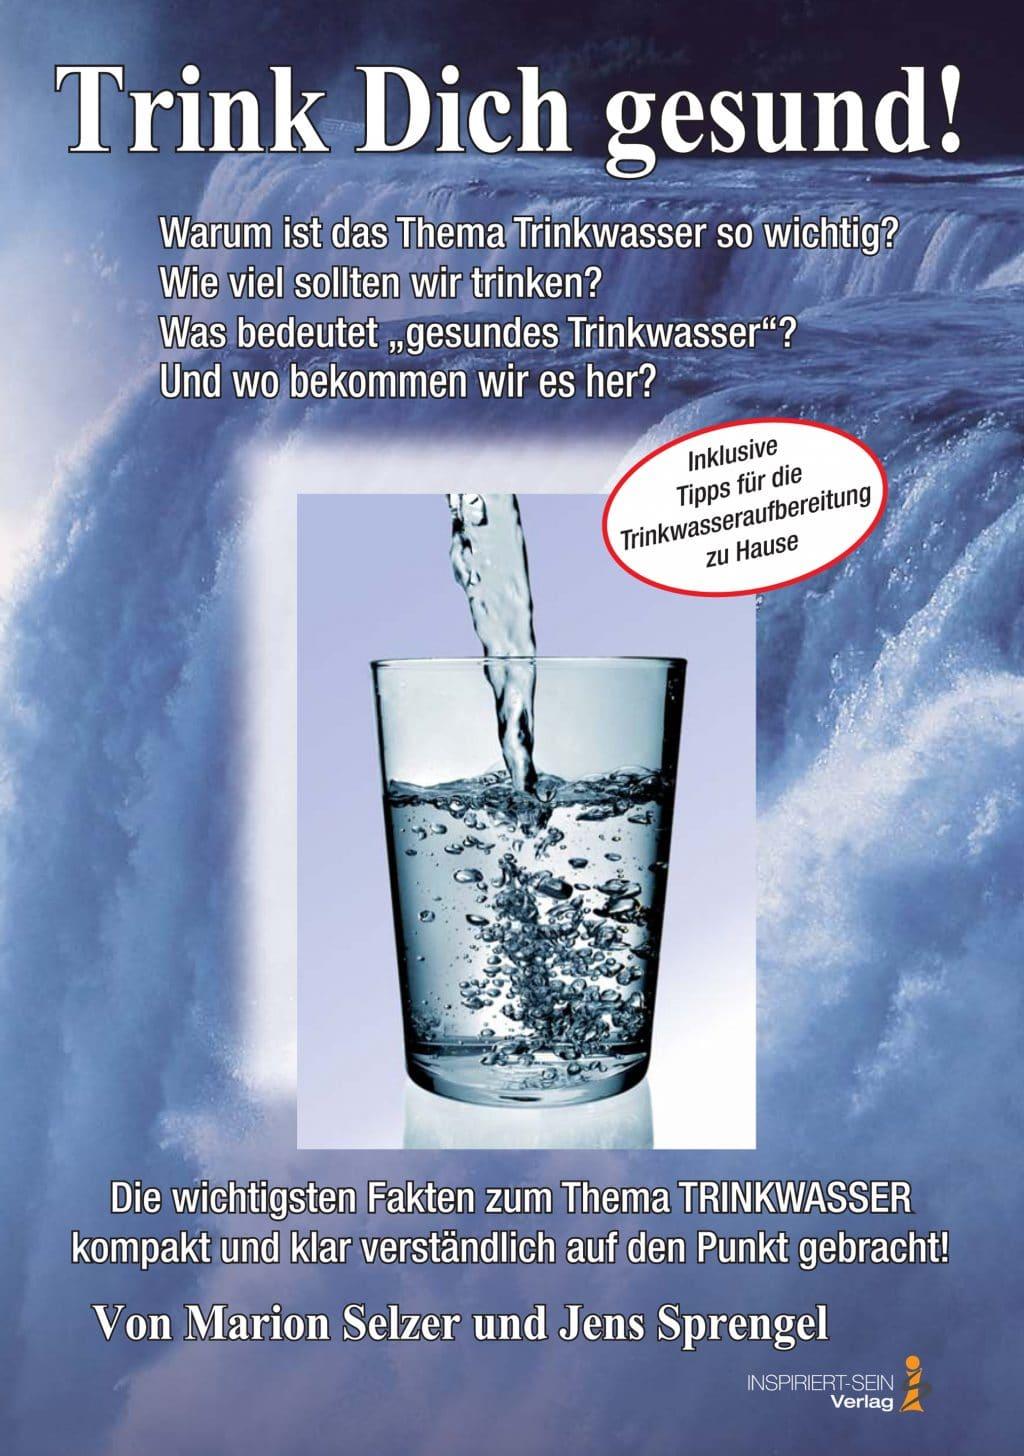 Cover Trink Dich gesund von Marion Selzer und Jens Sprengel